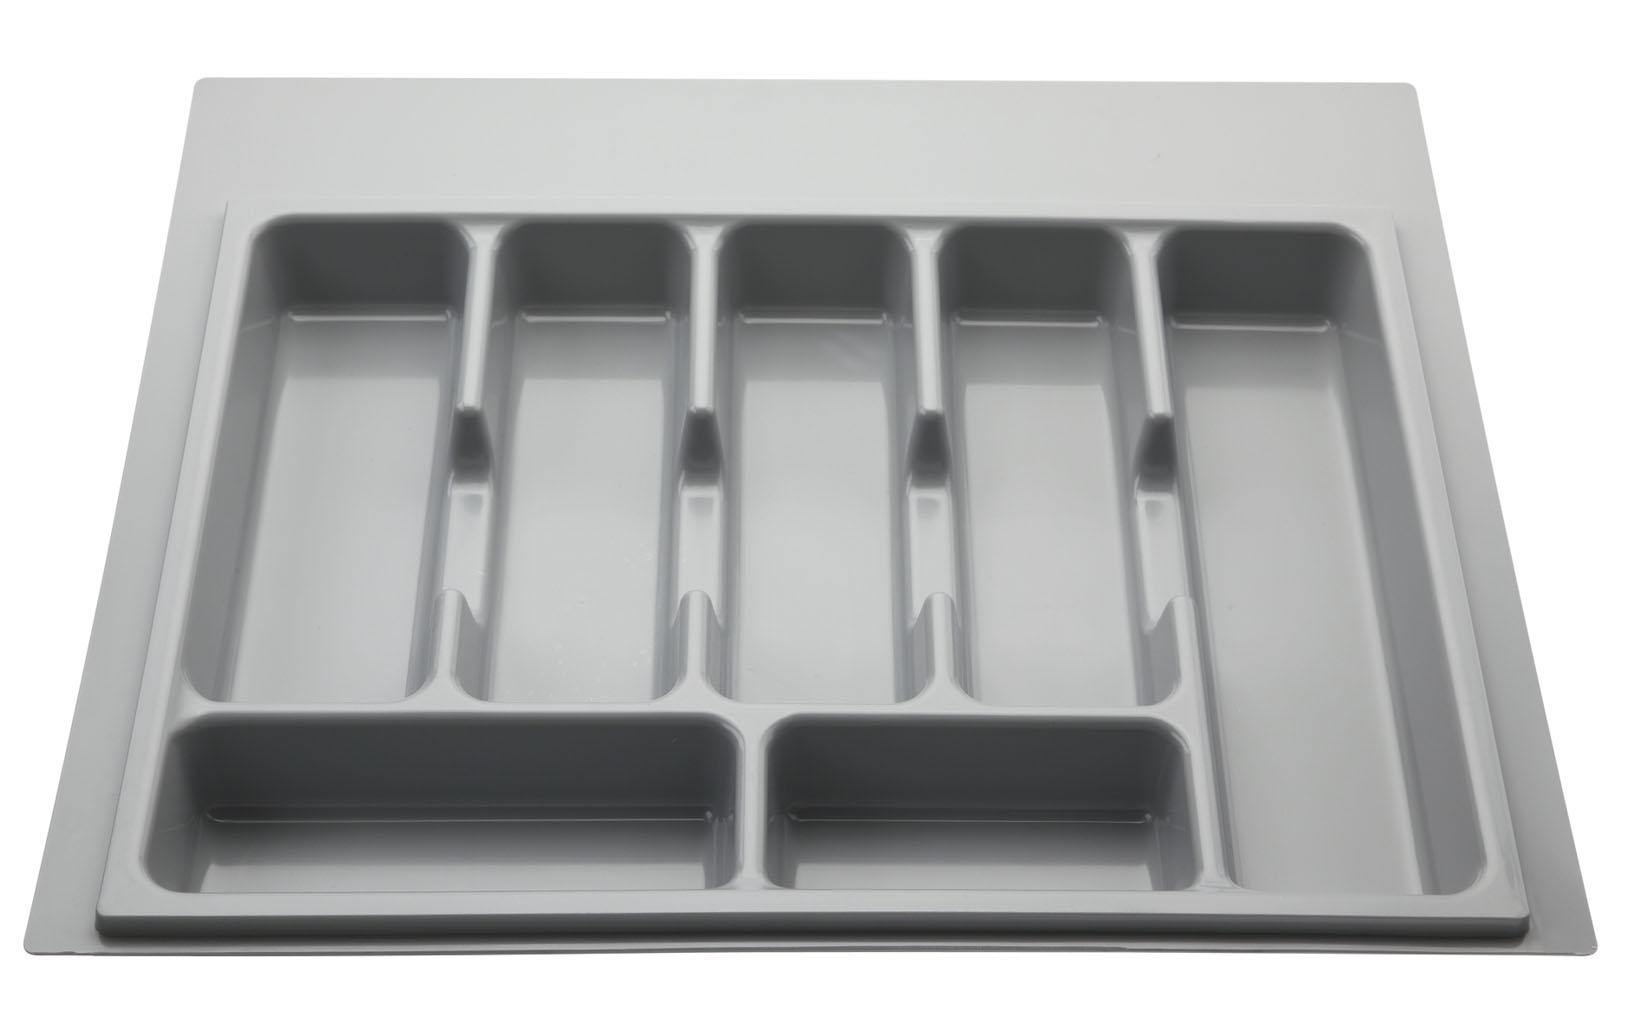 Portaposate da cassetto cucina modulo 60cm planet cucina - Portaposate per cassetti ...